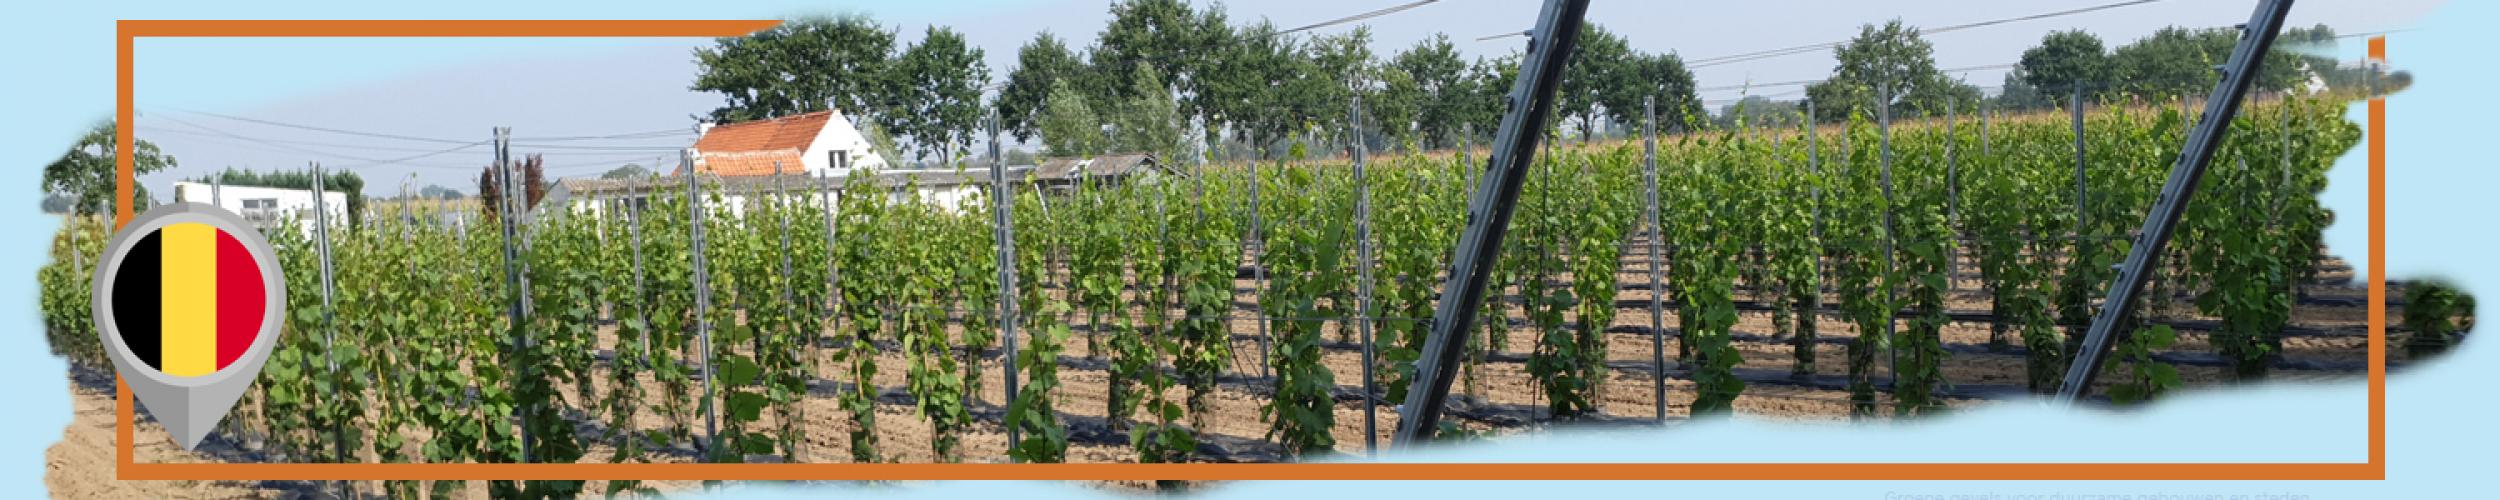 Aanplanting van wijnranken met TerraCottem Universal